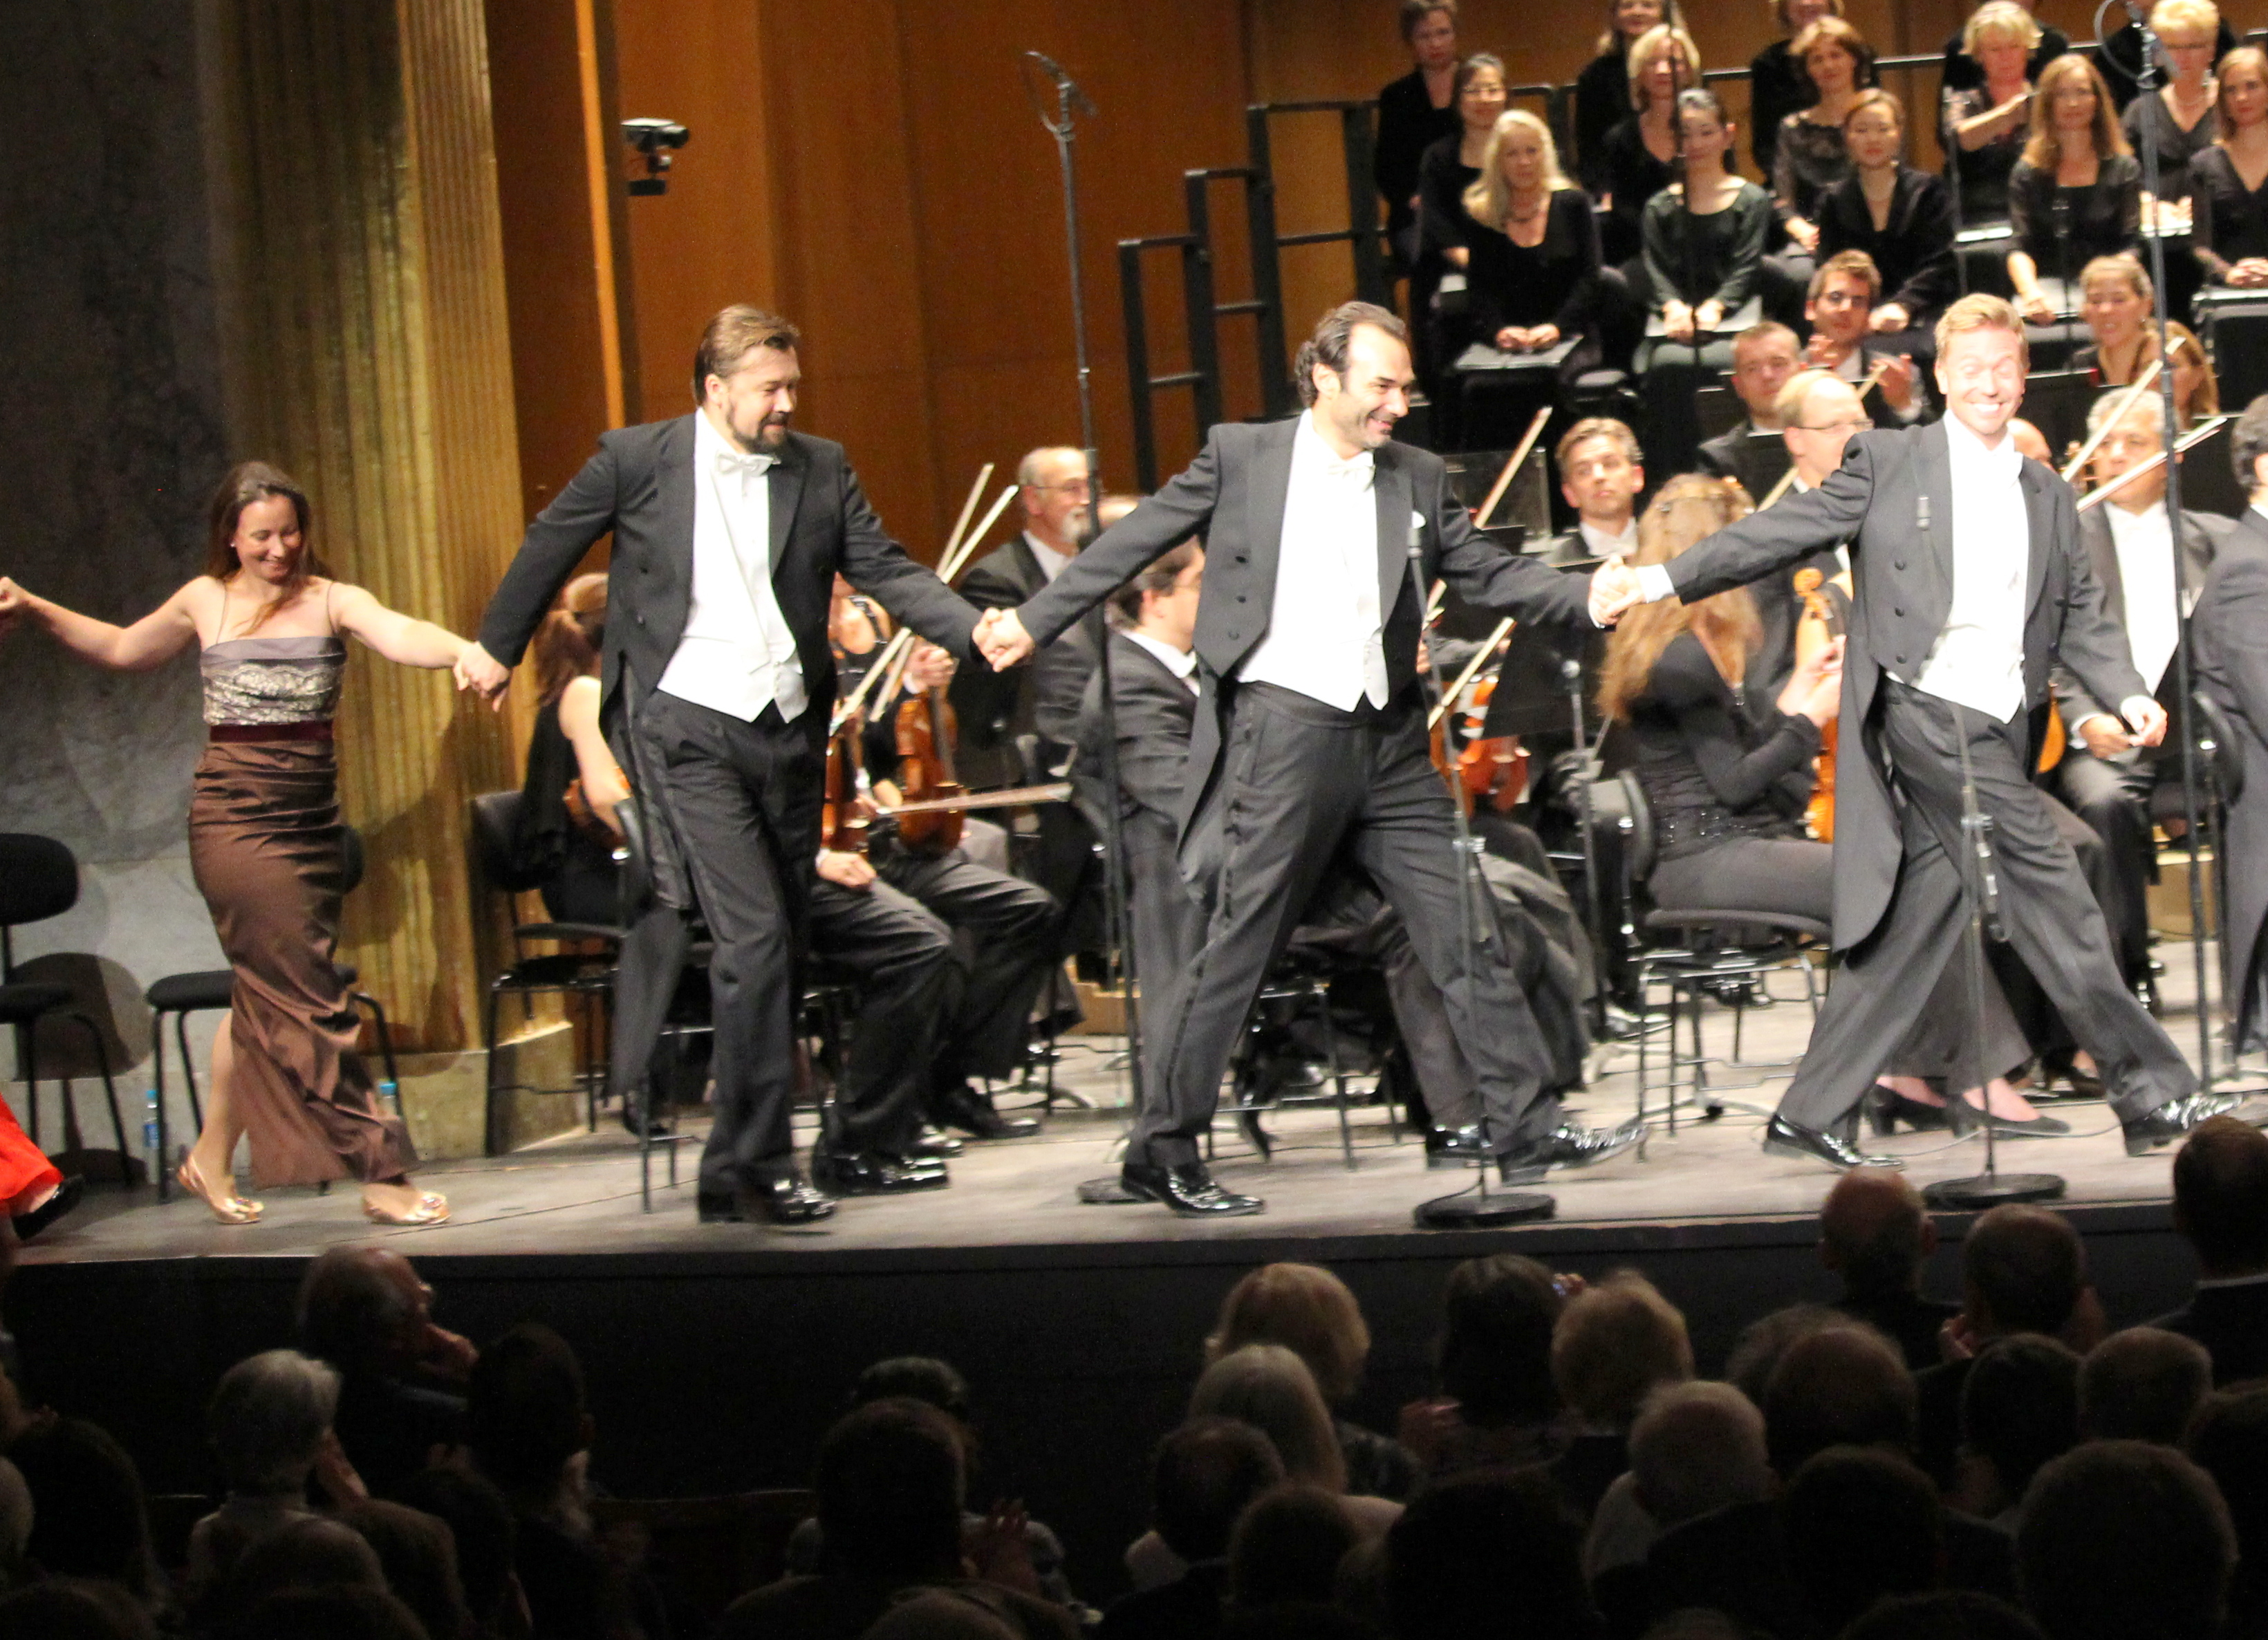 De gauche à droite : Christina Landshamer, Dimitry Ivashchenko, Nikolai Schukoff et Miljenko Turk. Photo : Bertrand Ferrier.